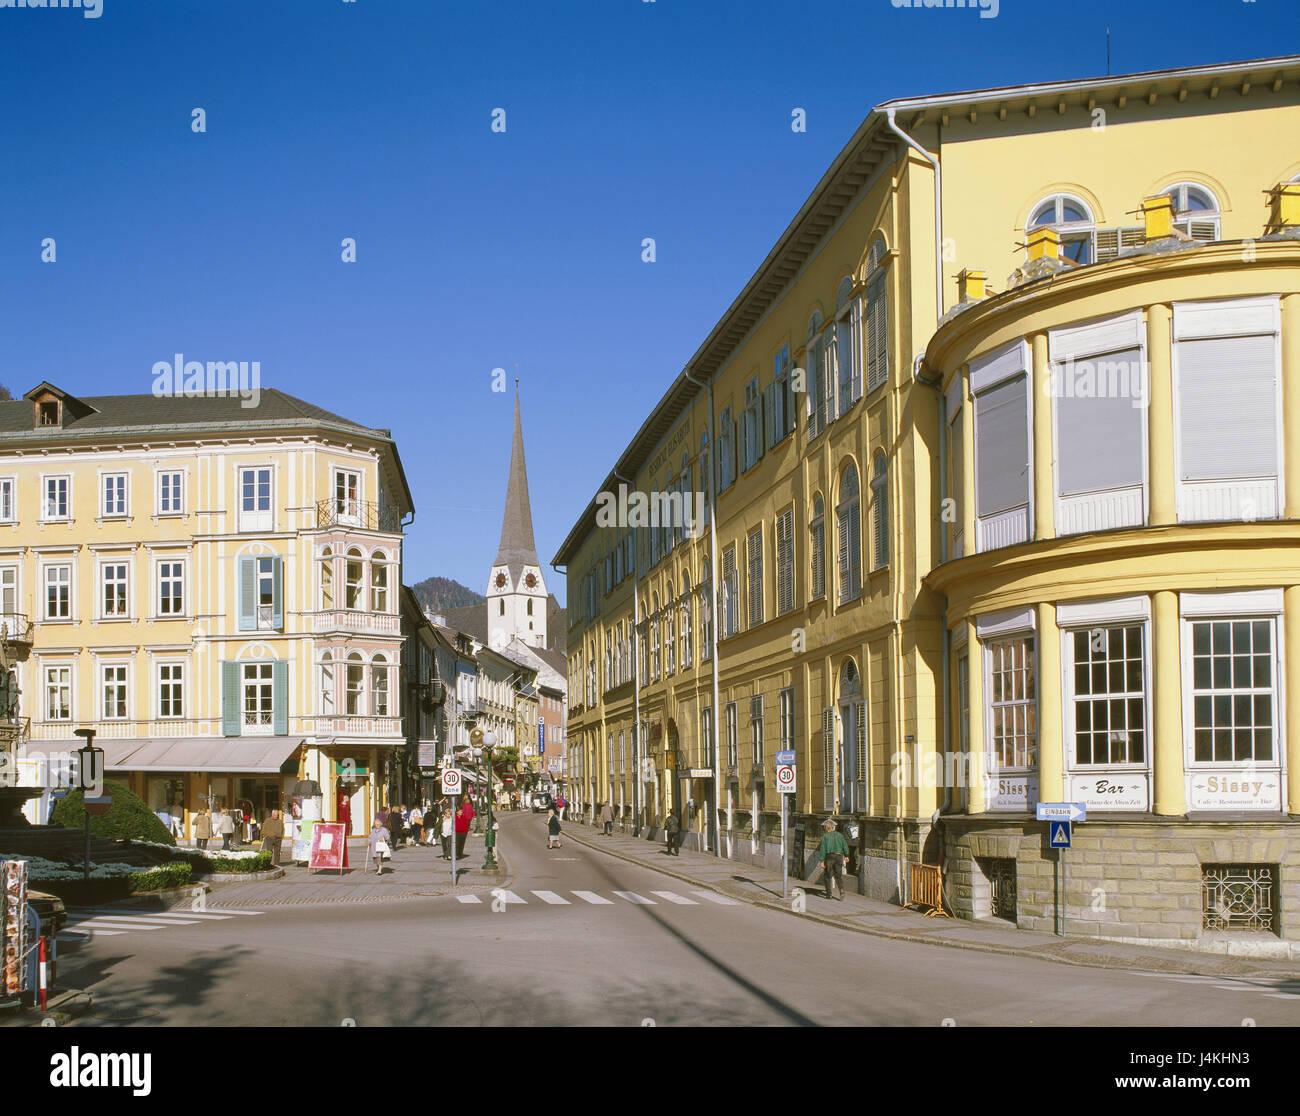 Österreich, Salzkammer Immobilien, Bad Ischl, Stadtzentrum